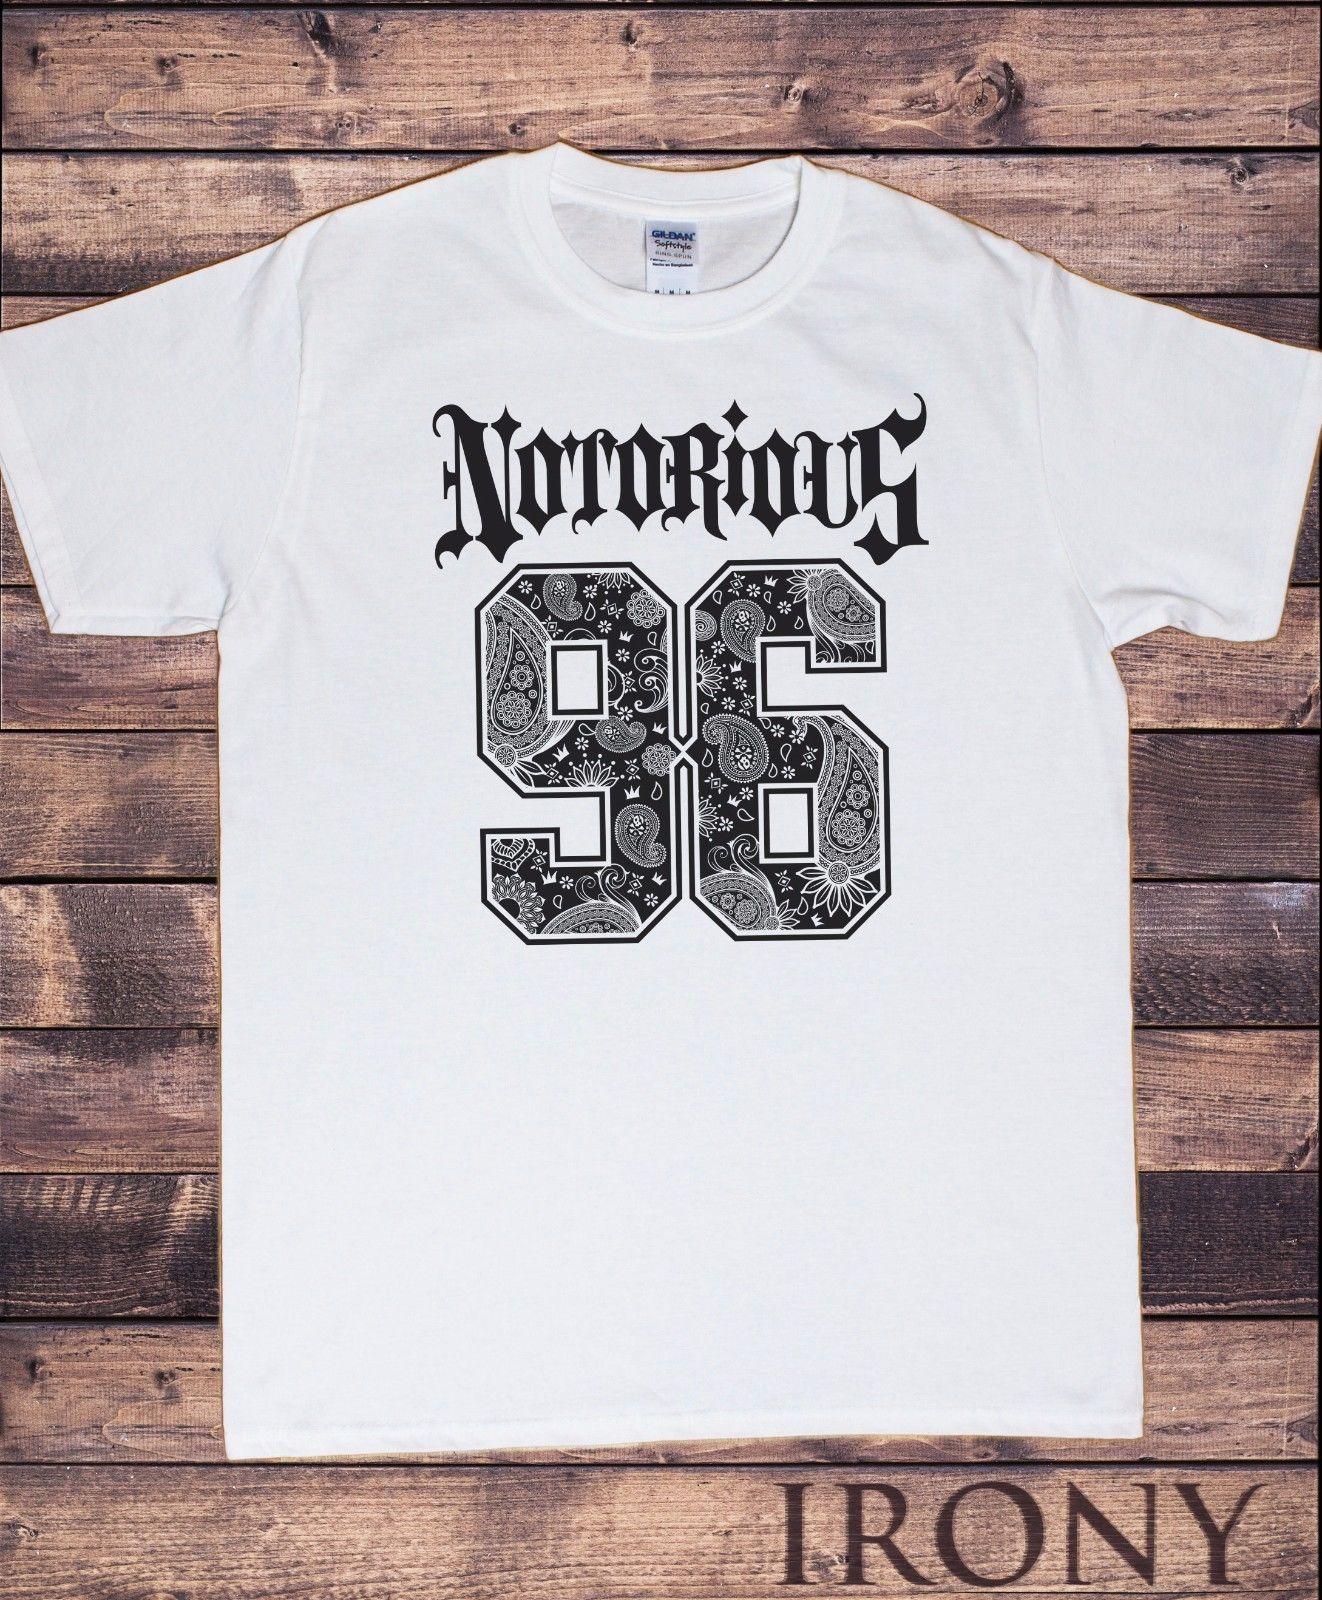 Camisetas estilo Hipster cuello redondo para hombre Camiseta NOTORIOUS 96 estilo urbano fresco Real impresión camiseta hombres